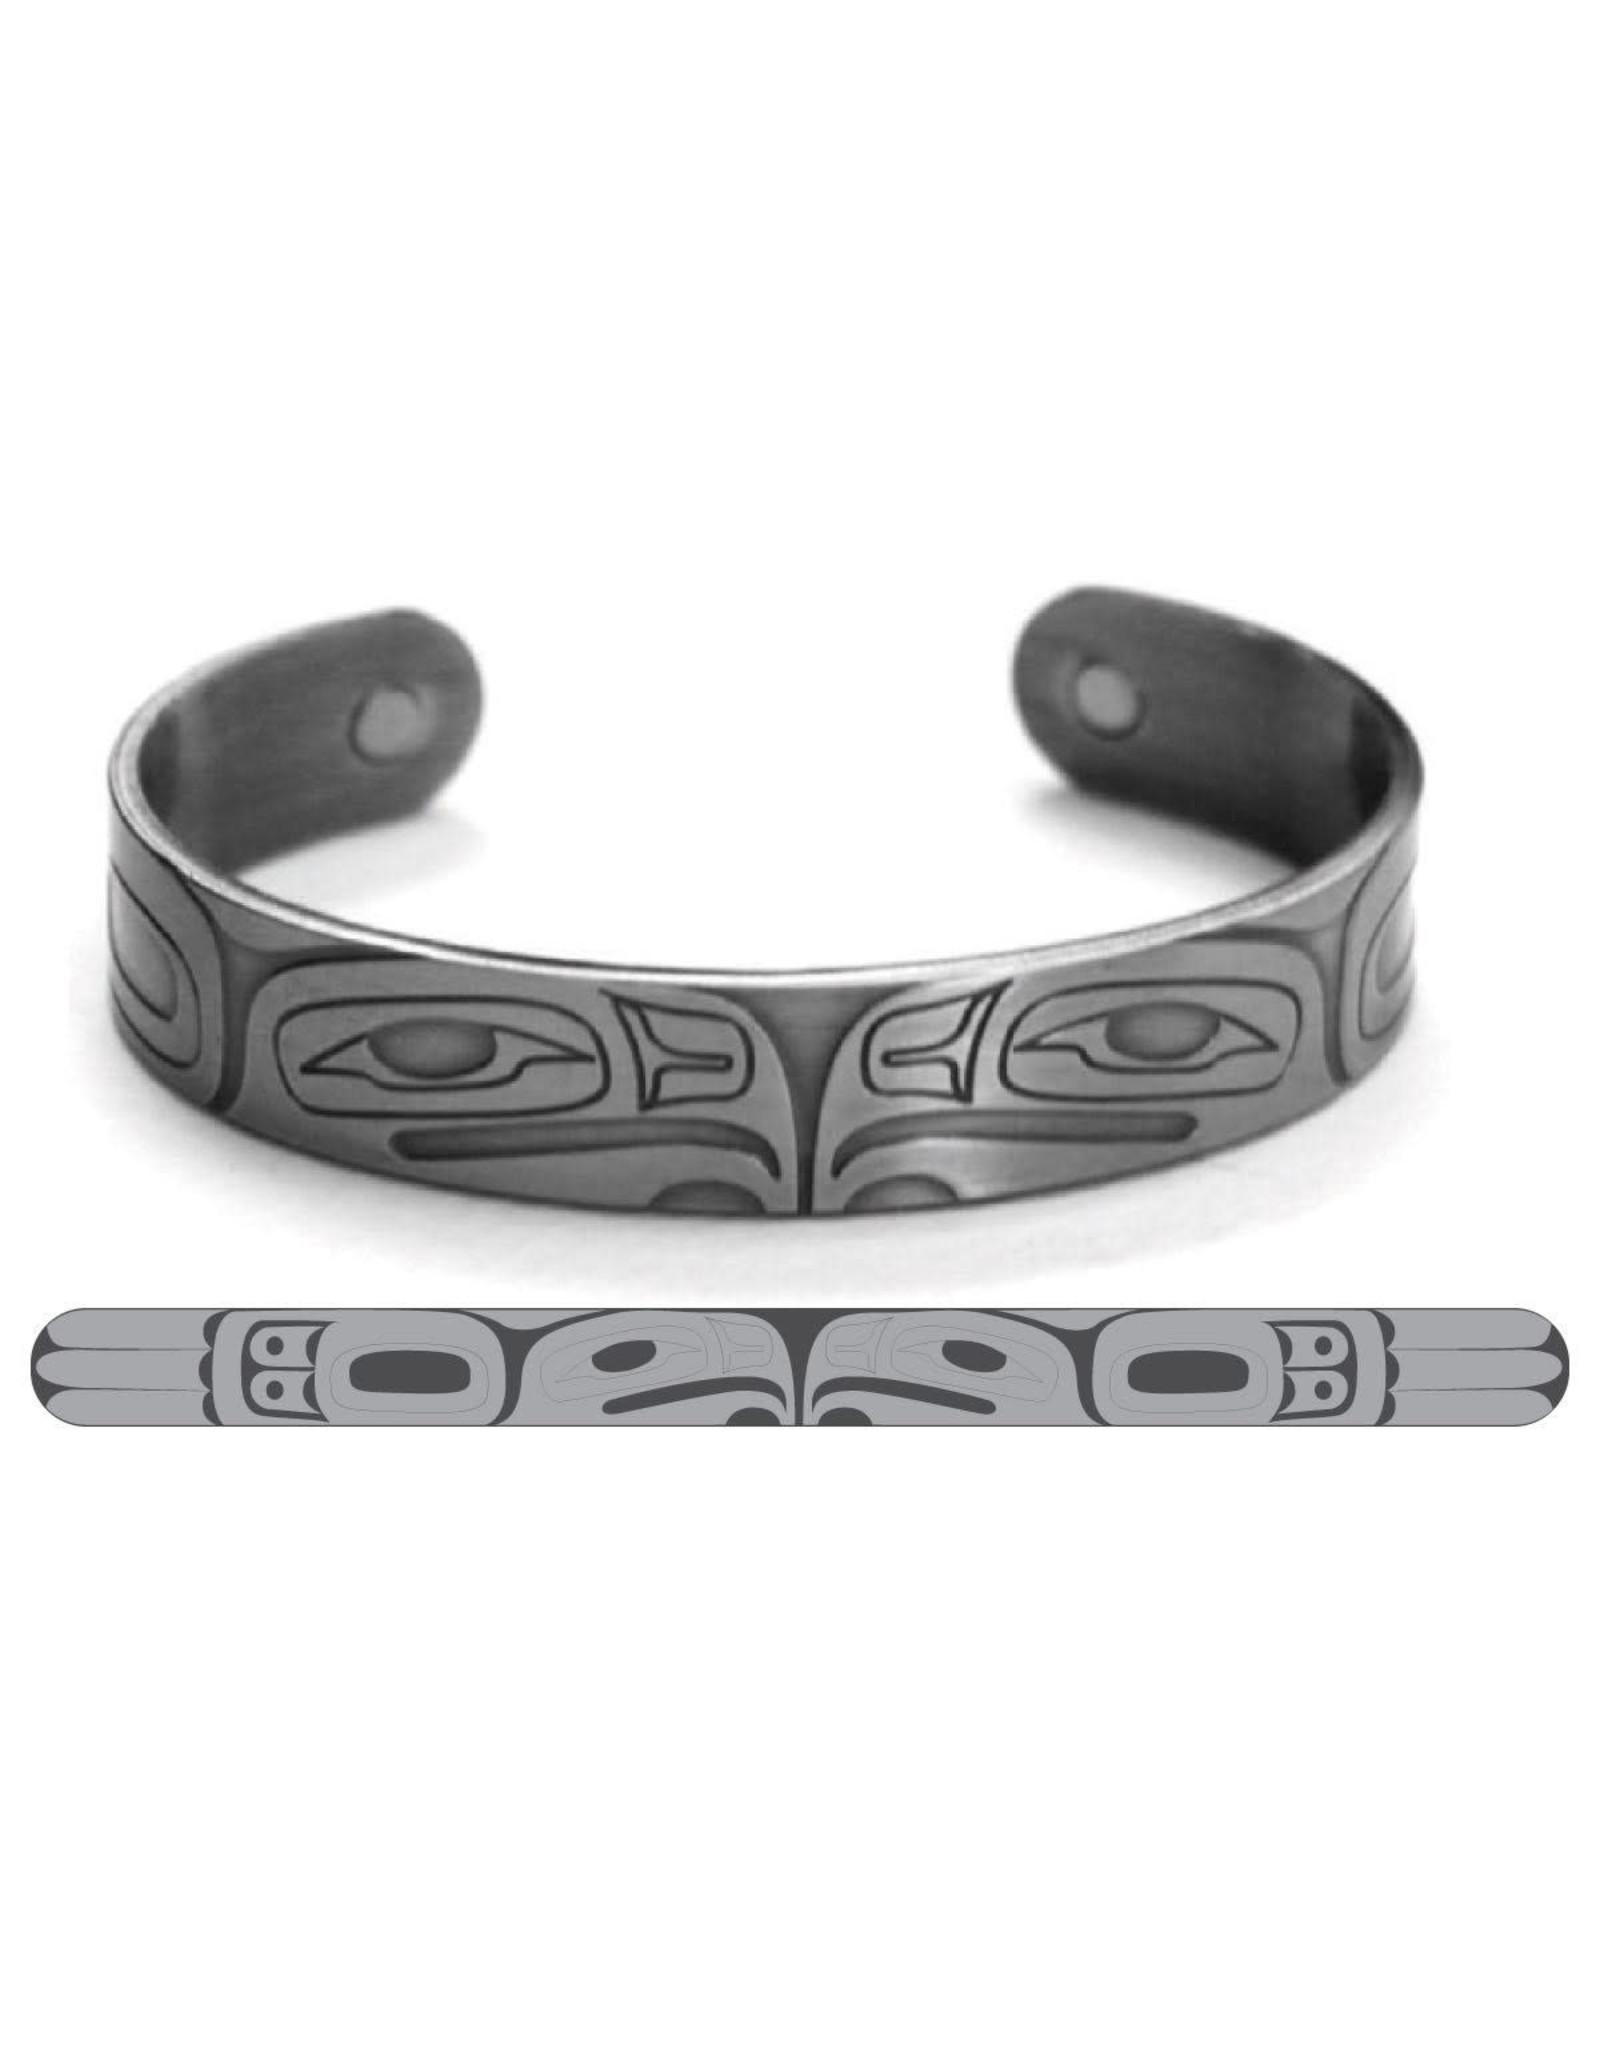 Haida Cuffs Brushed Silver Eagle by Gordon White - ABR7